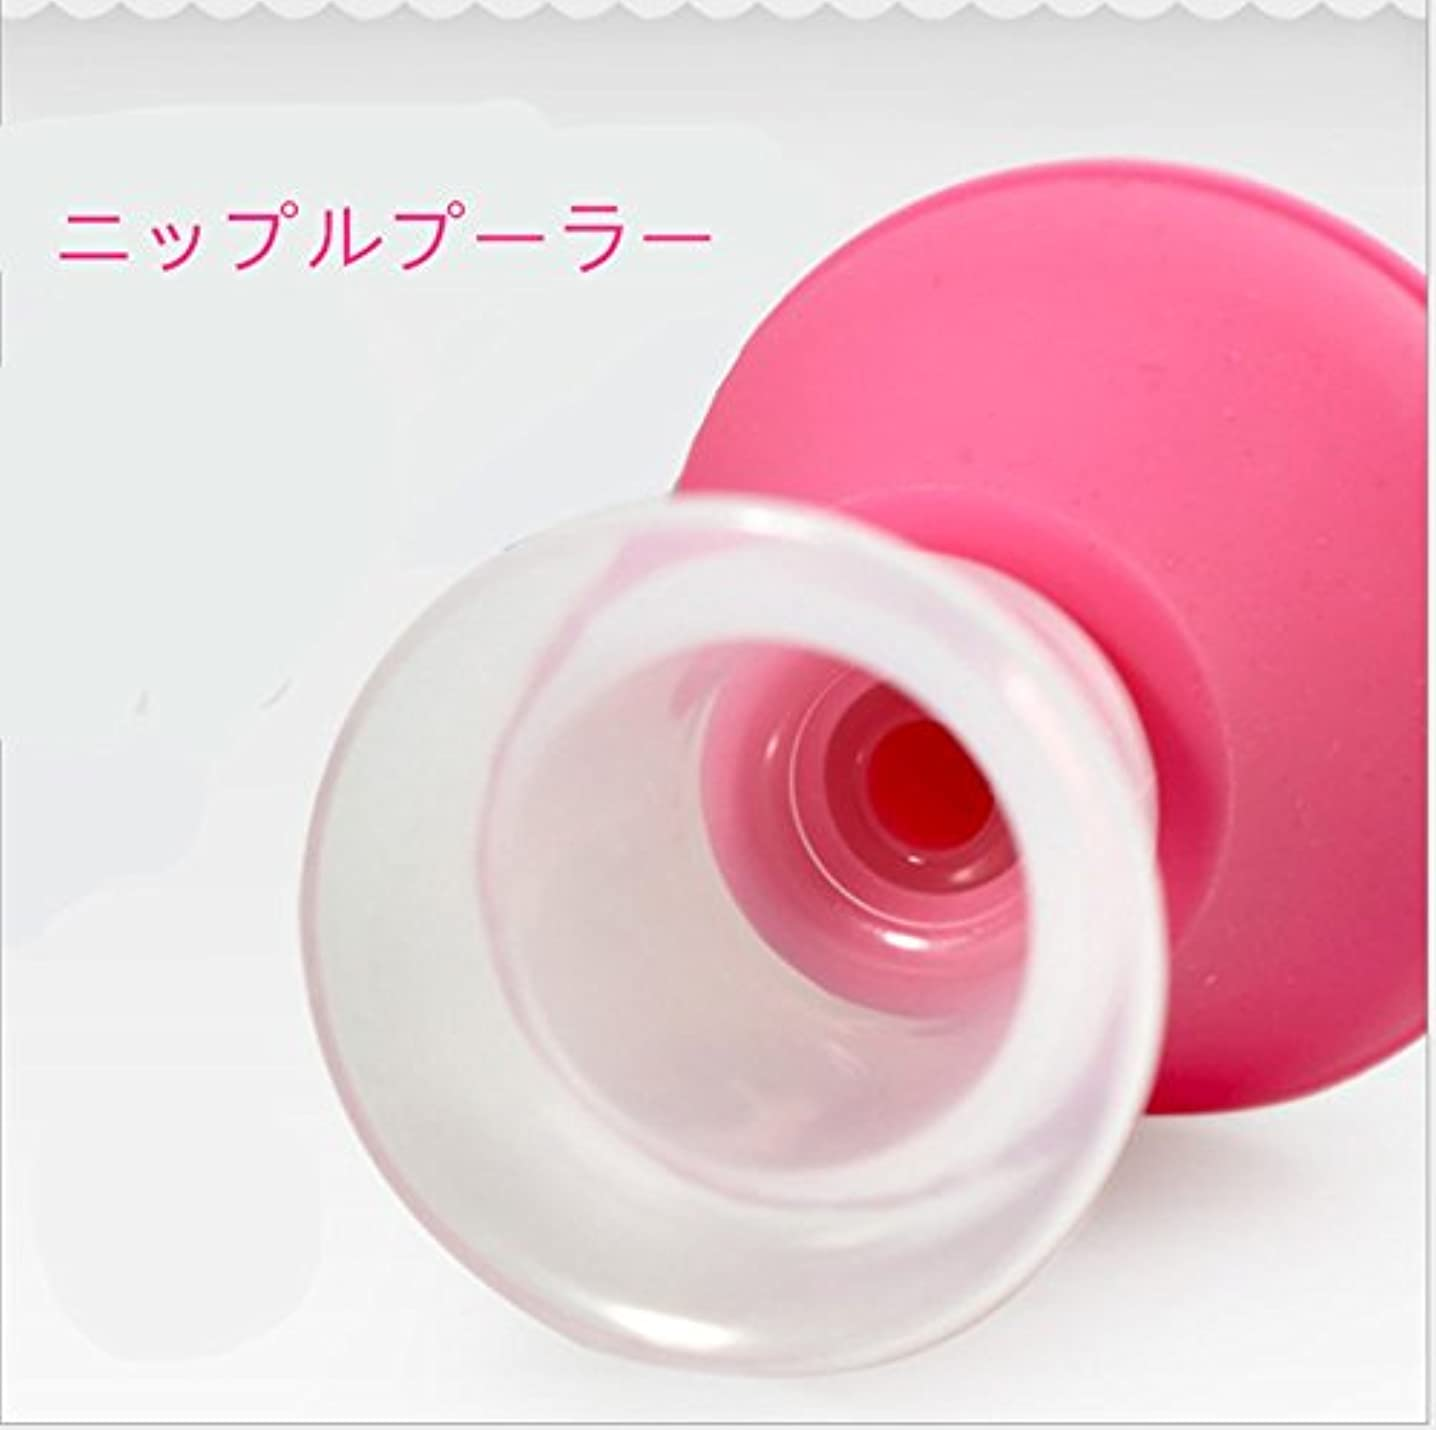 リサイクルするカップ予報ピジョン 乳頭吸引器 ケース付扁平乳首に乳頭吸引器 母乳育児ケア ランダム色